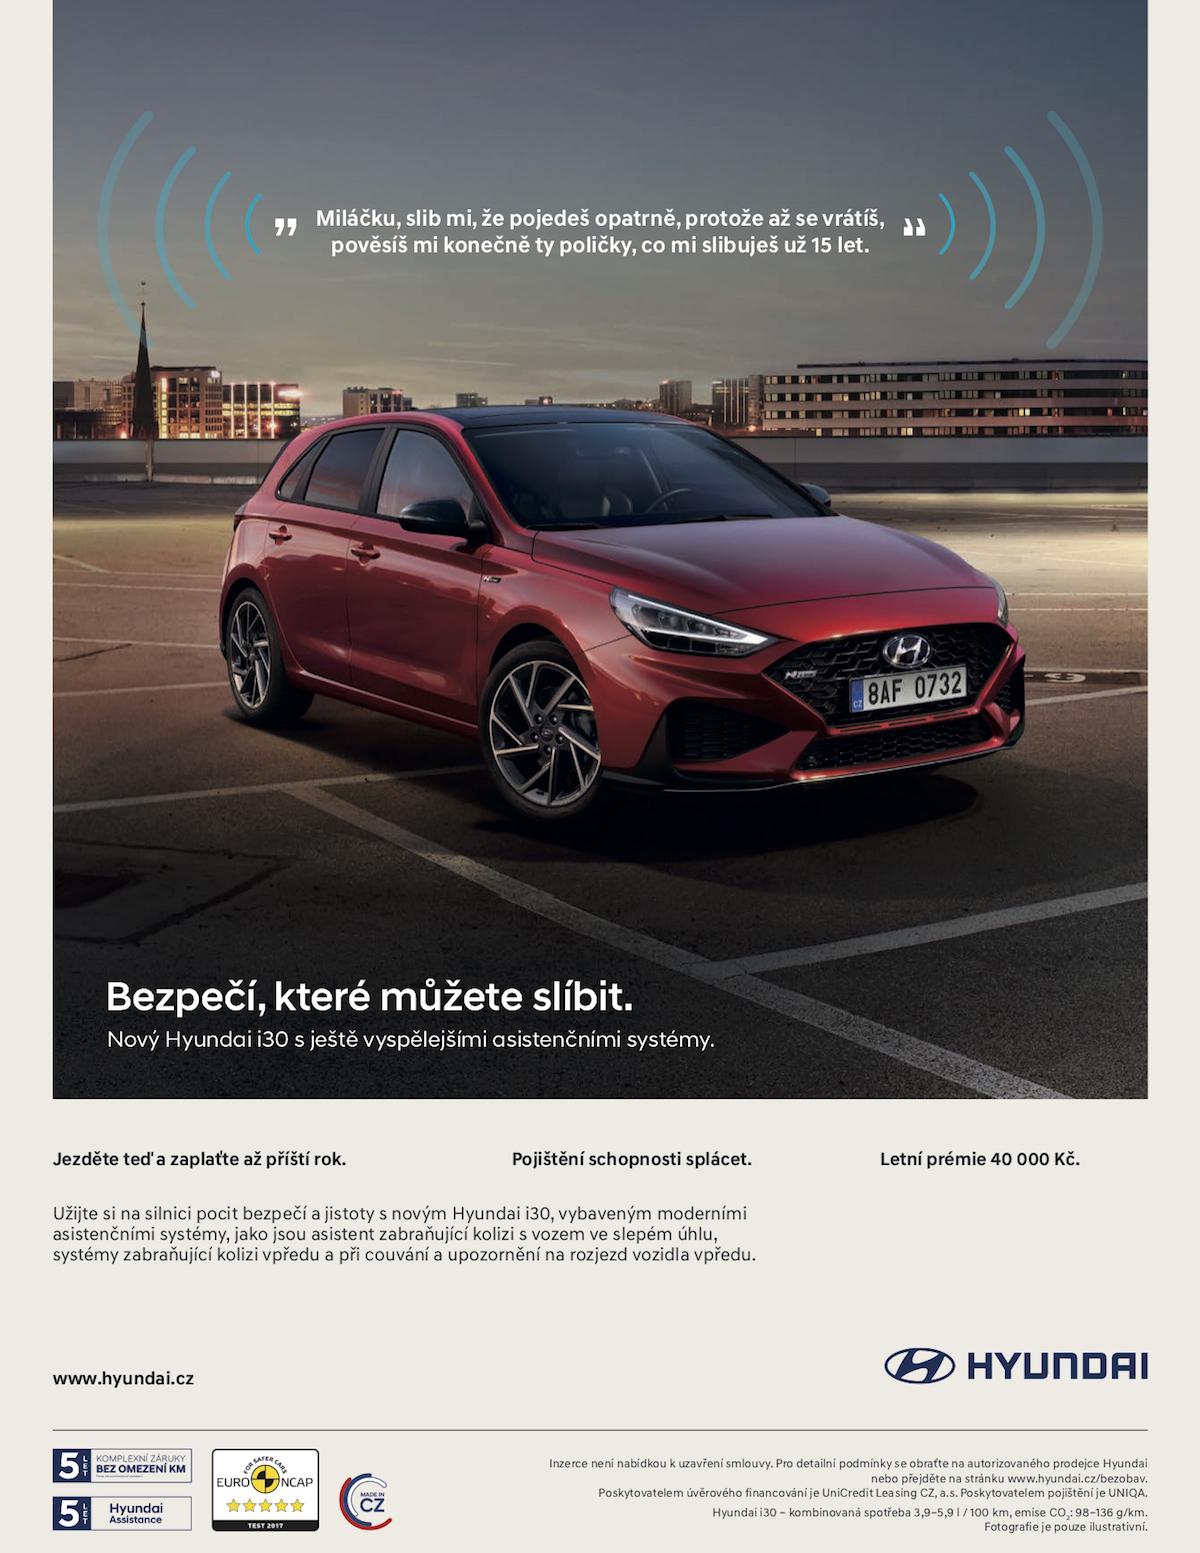 Hyundai: Bezpečí, které můžete slíbit (VCCP Prague)